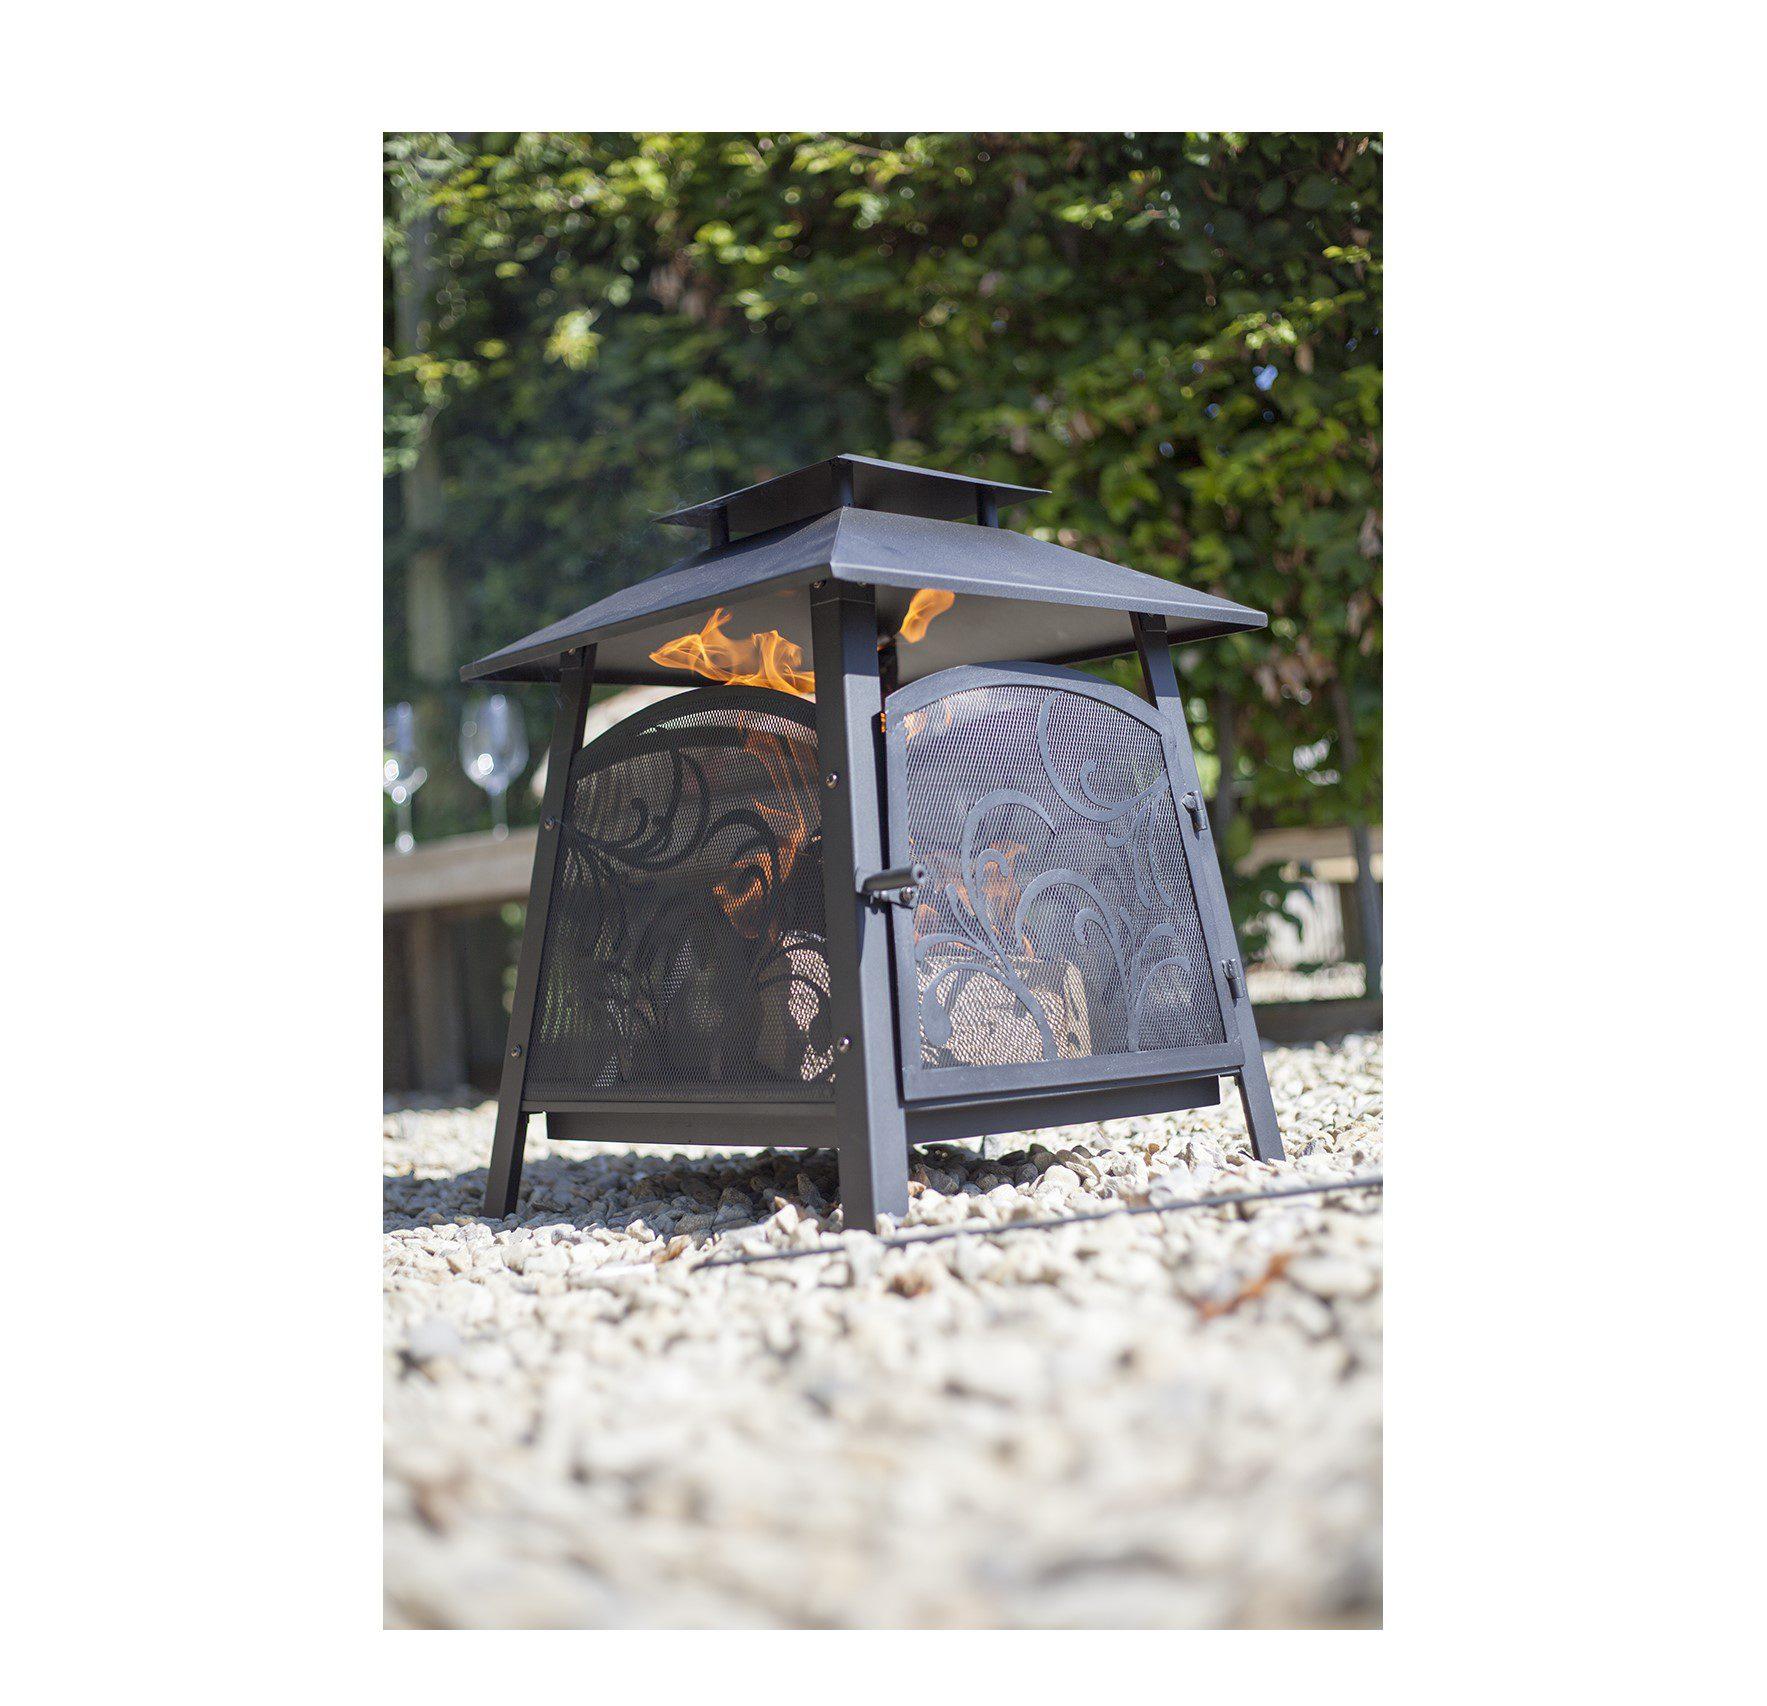 La Hacienda Sakura Steel fireplace